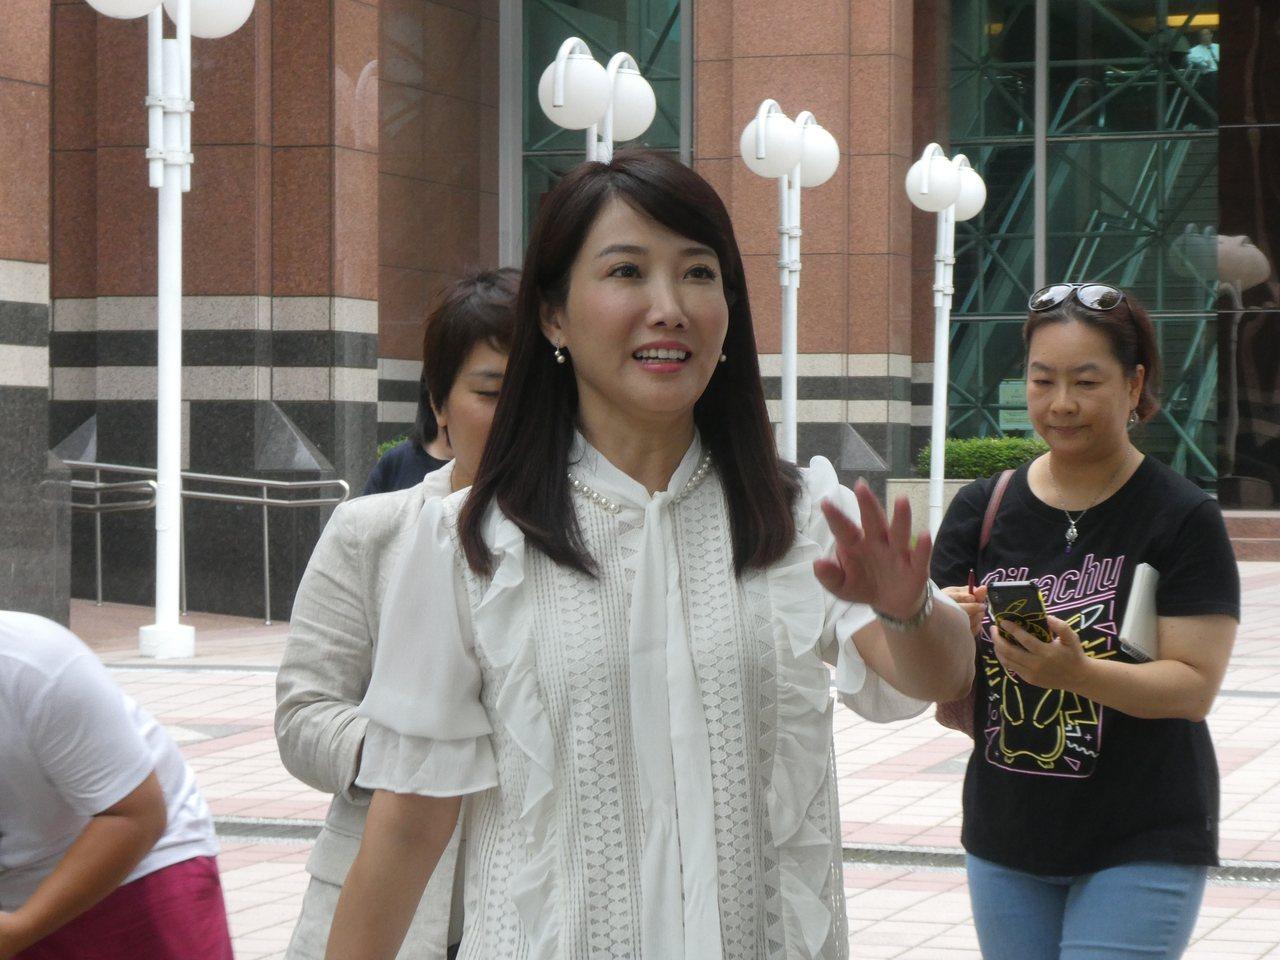 國民黨總統參選人韓國瑜昨接見日本東京大學兩岸關係研究小組成員,再爆遲到糾紛。昨晚...